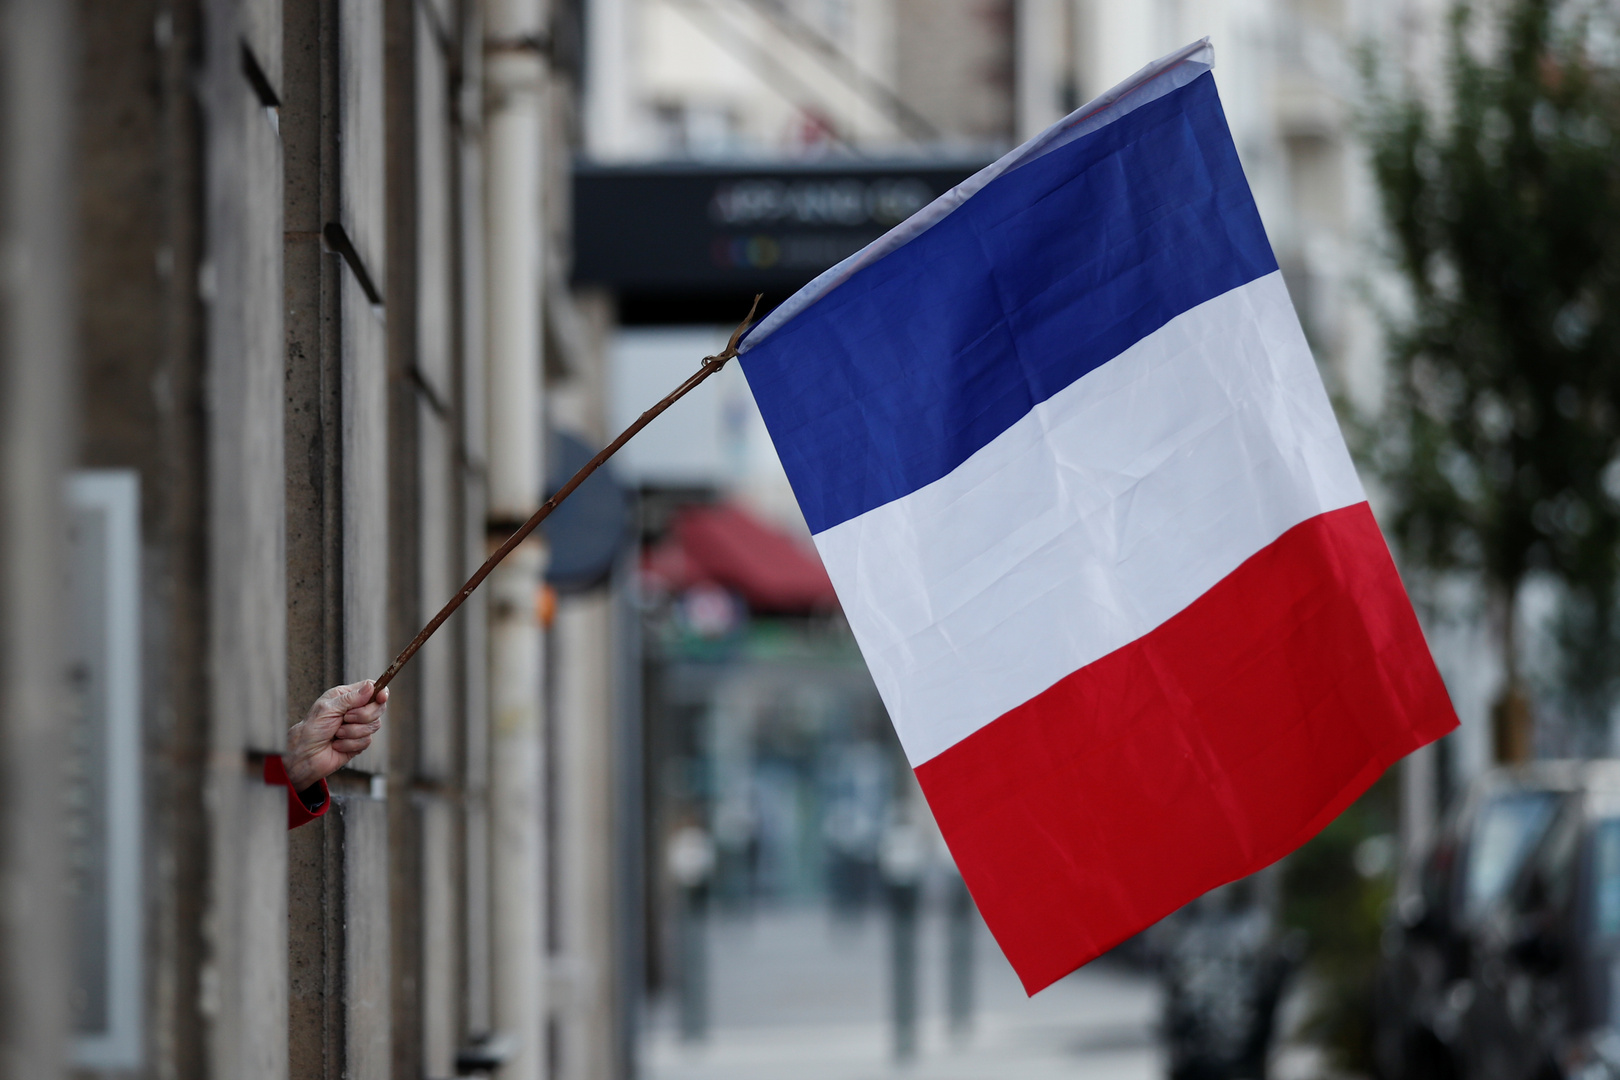 باريس: التنسيق الفرنسي المصري في المنطقة كبير ويندرج في شراكتنا الاستراتيجية